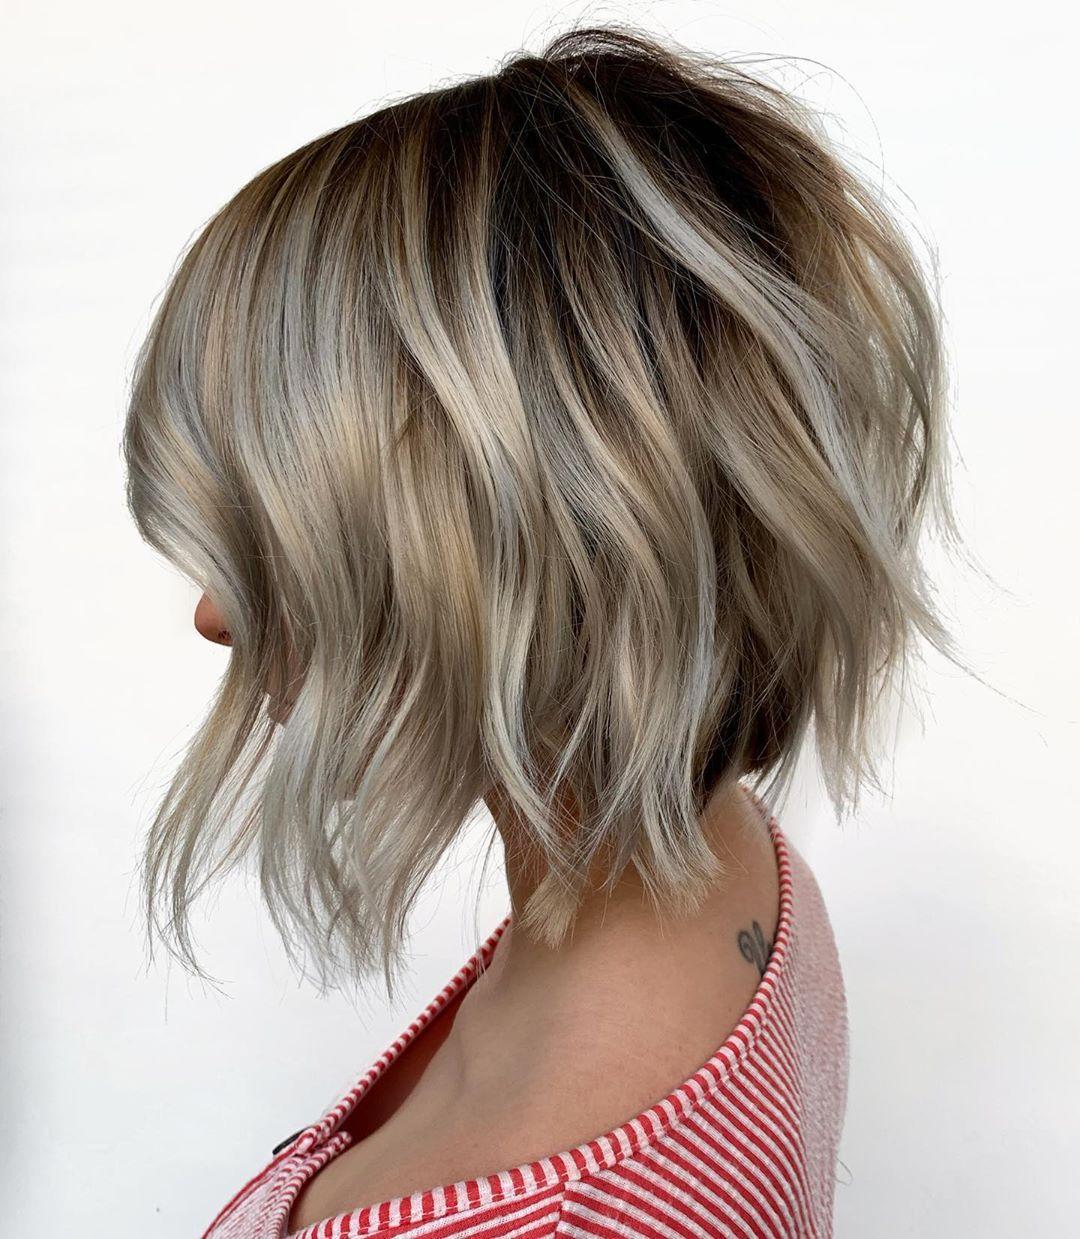 Балаяж на короткие волосы 2020: фото 4